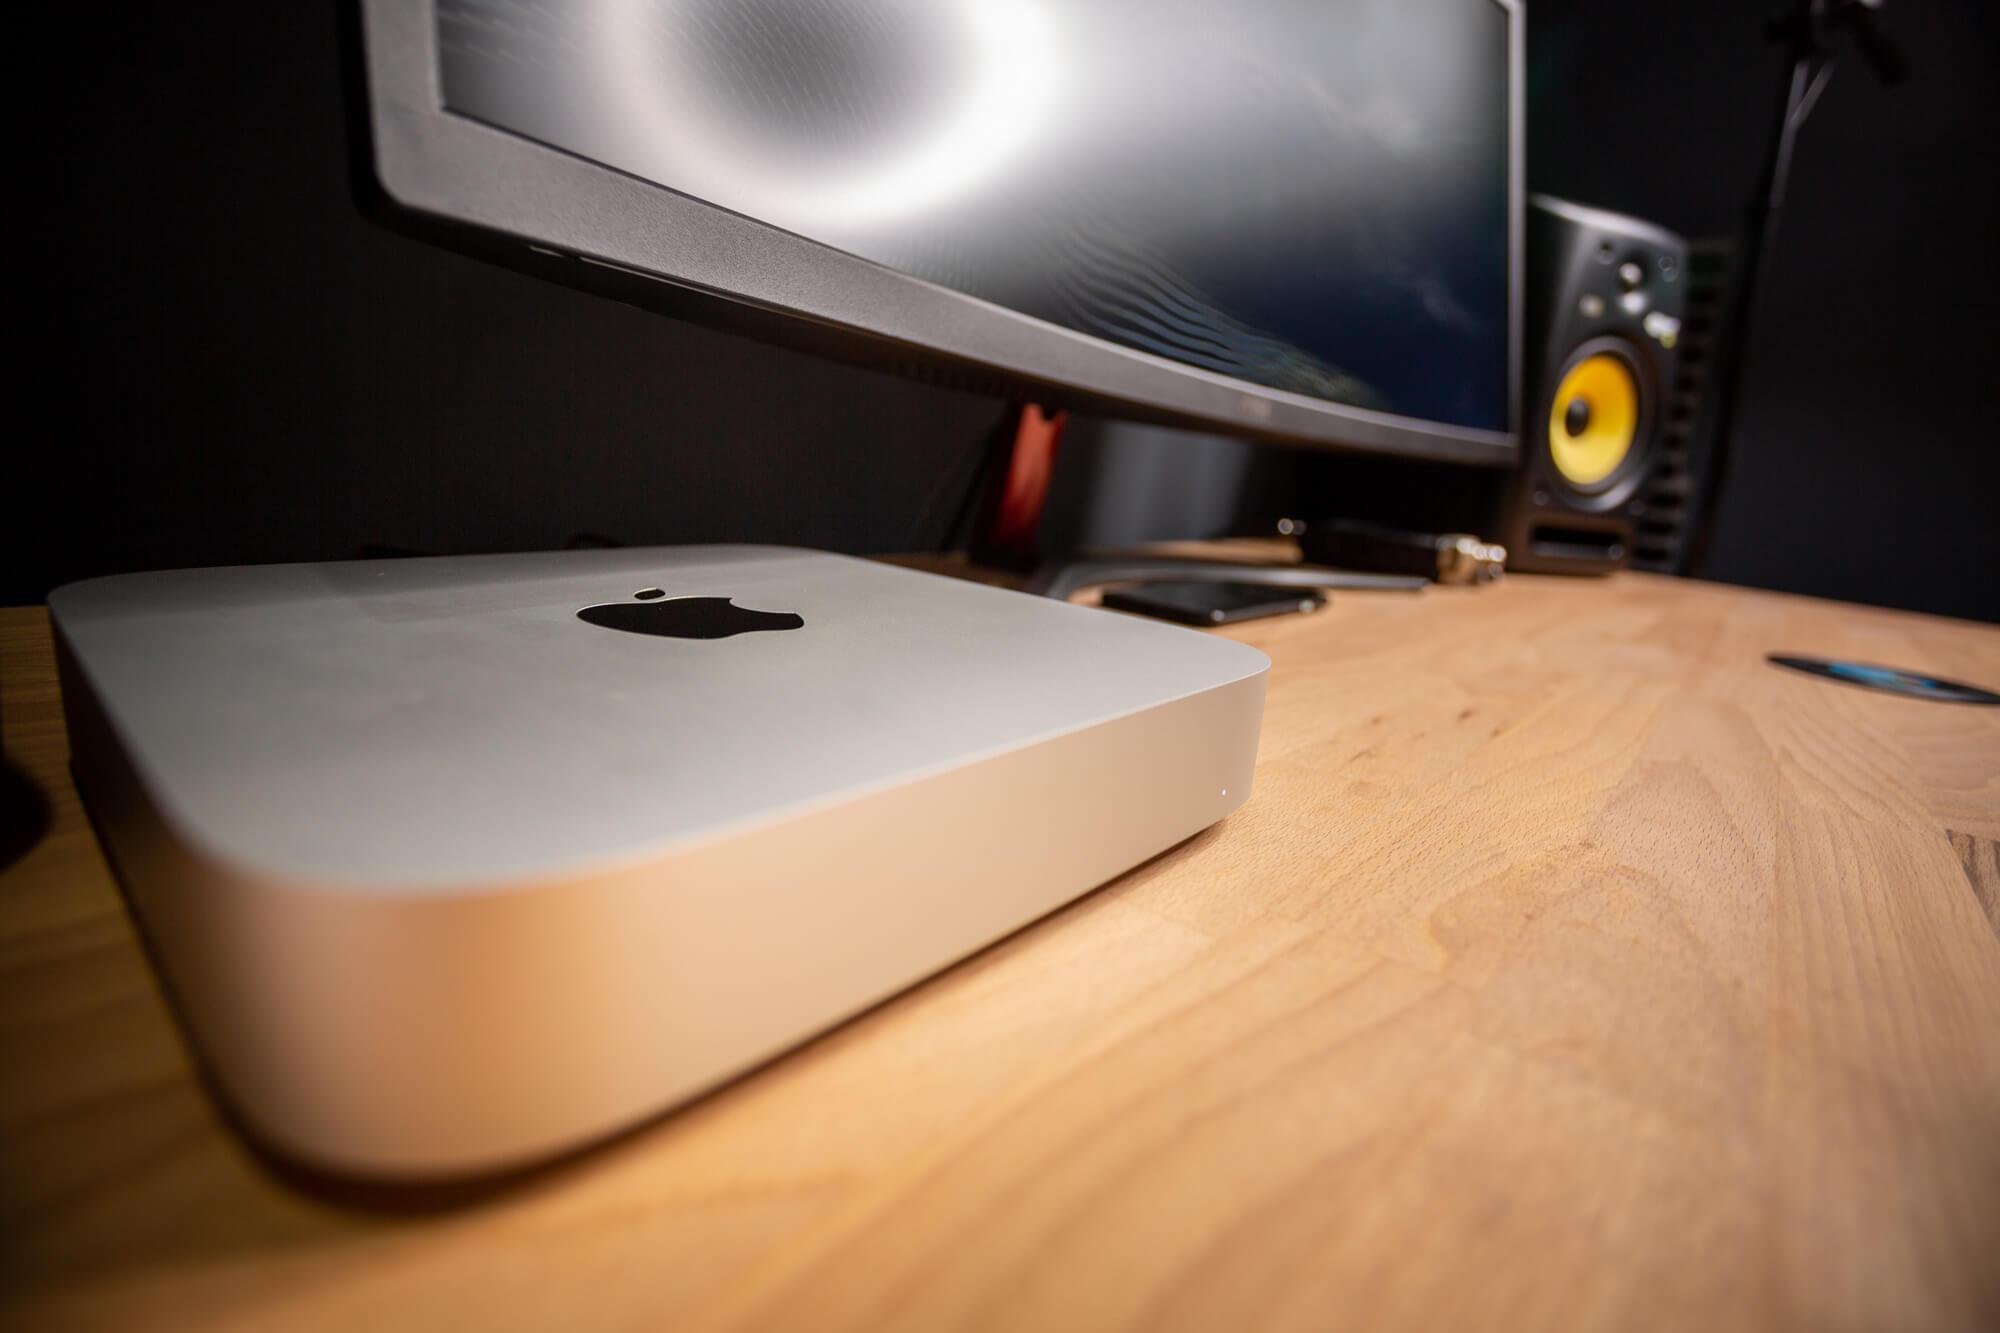 M1 Mac mini first impressions